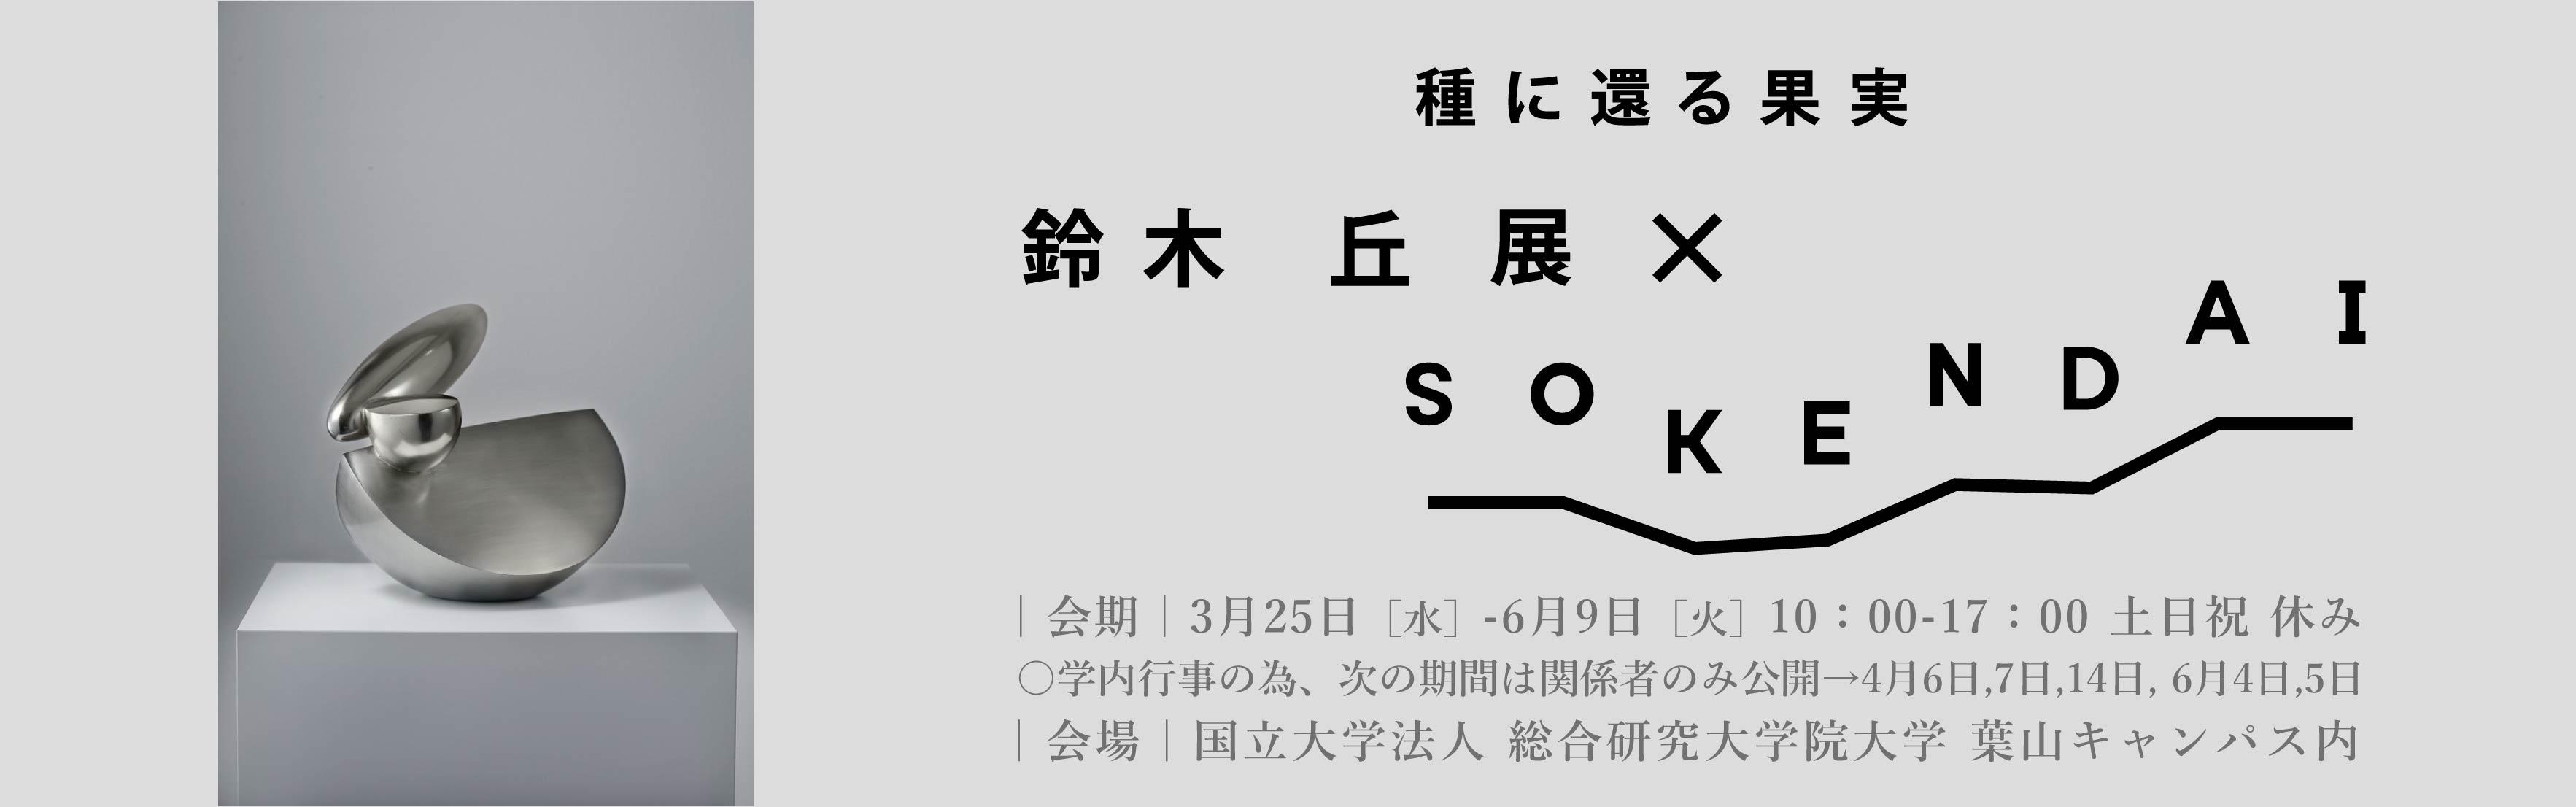 banner_suzukikyusensei_soken